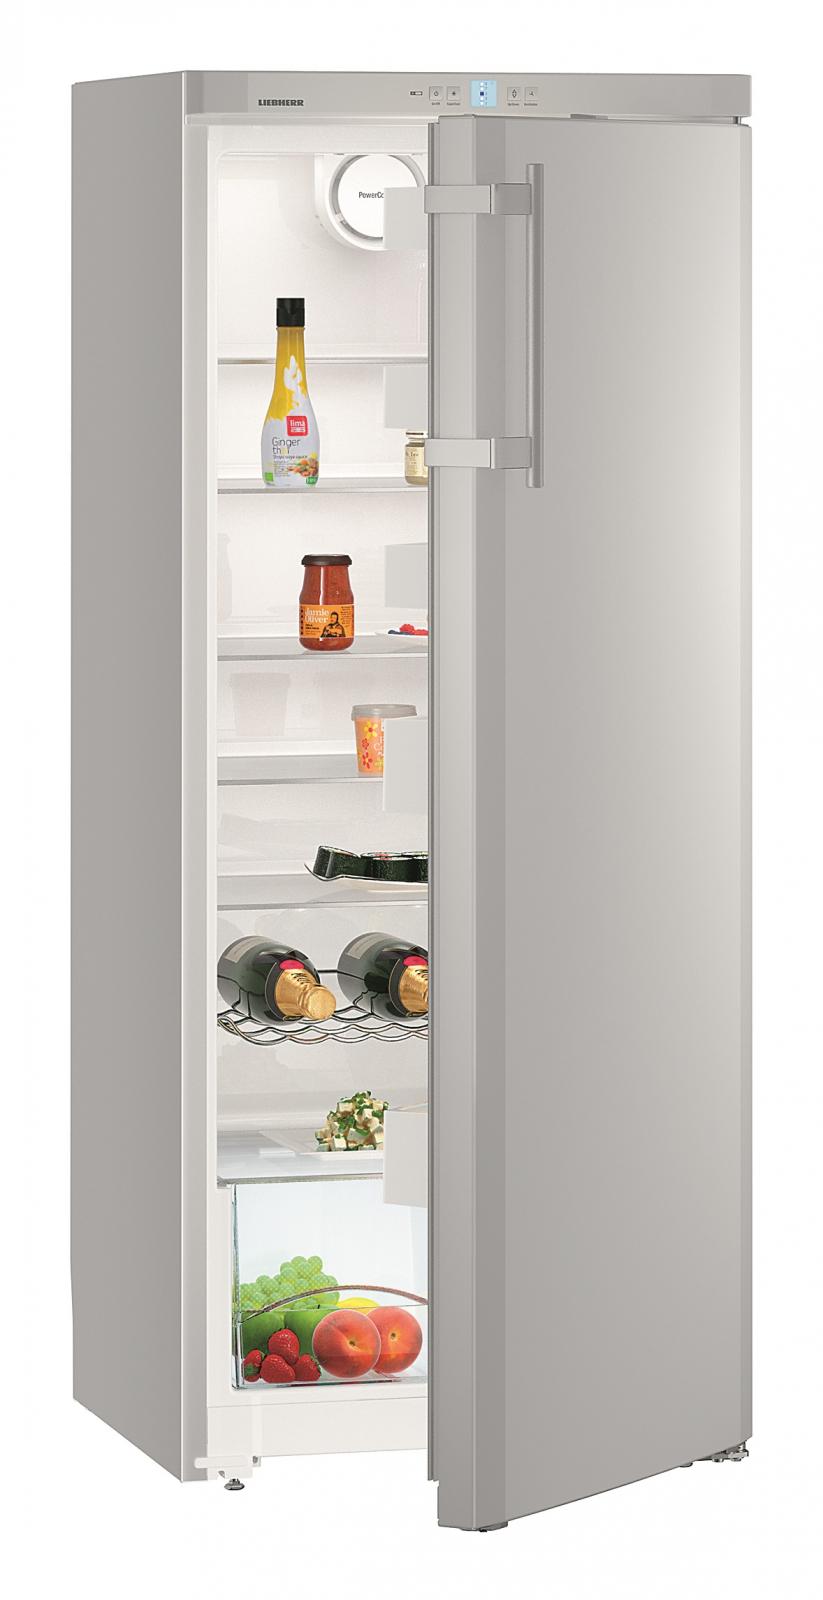 купить Однокамерный холодильник Liebherr Ksl 3130 Украина фото 4